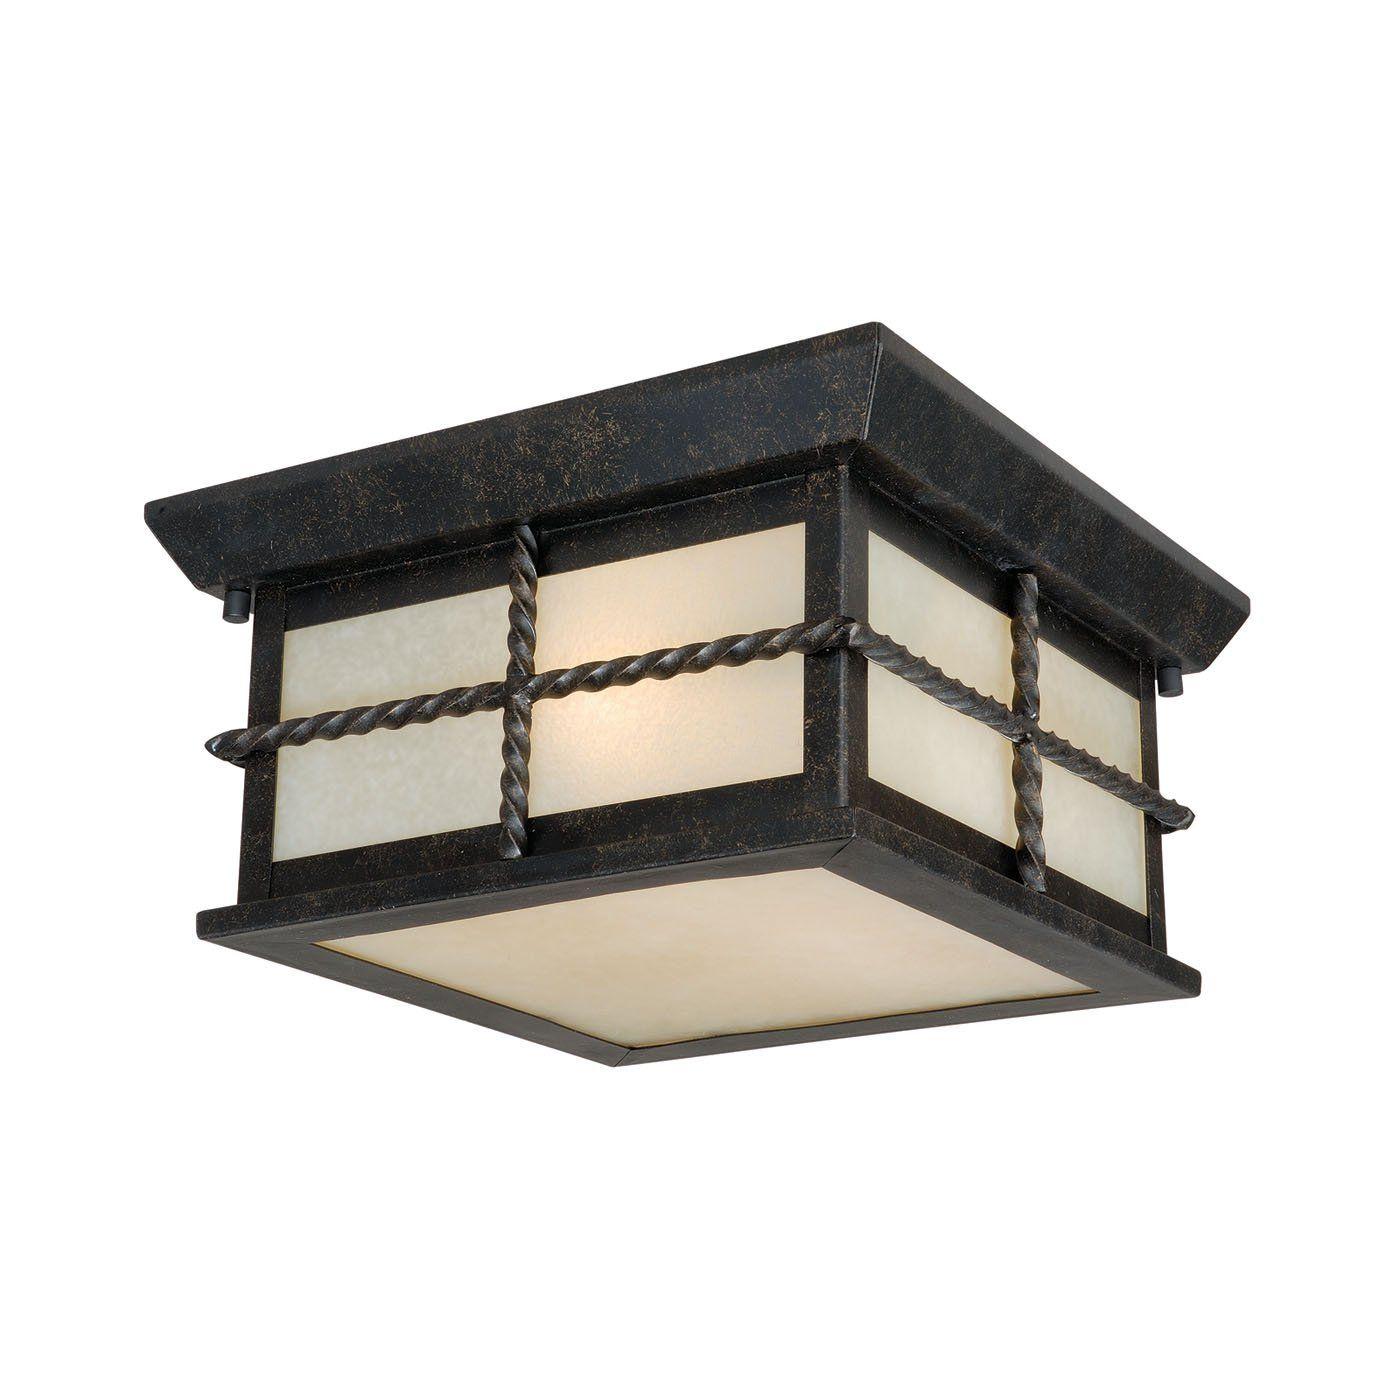 Vaxcel T0029 Savannah Outdoor Flush Mount Ceiling Light